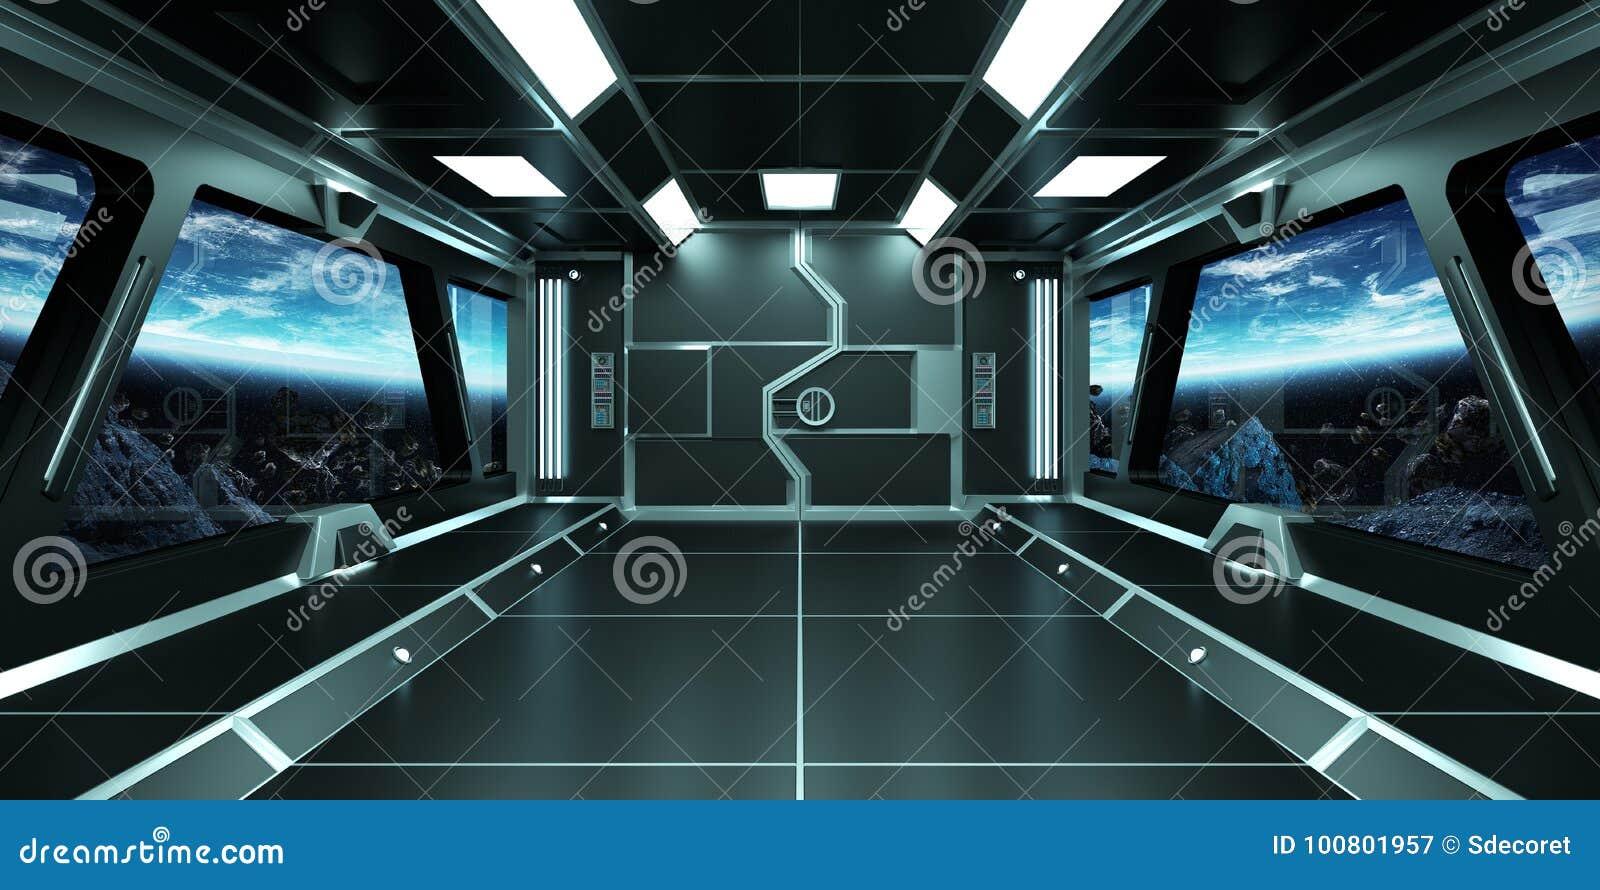 Interior De Ventana De Nave Espacial: Interior De La Nave Espacial Con La Opinión Sobre